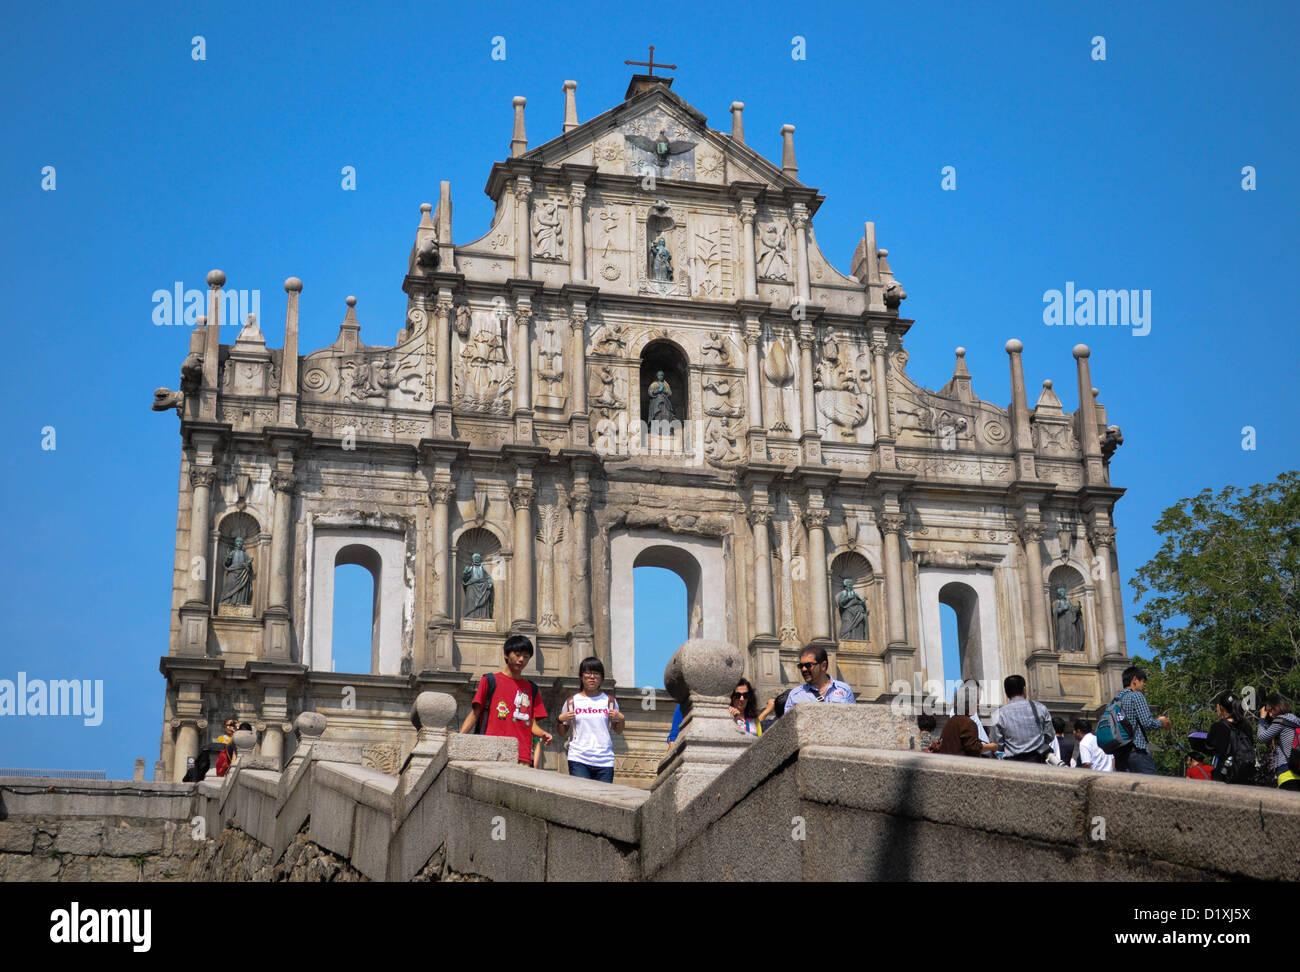 Ruinas de San Pablo, Icono de Macao Imagen De Stock